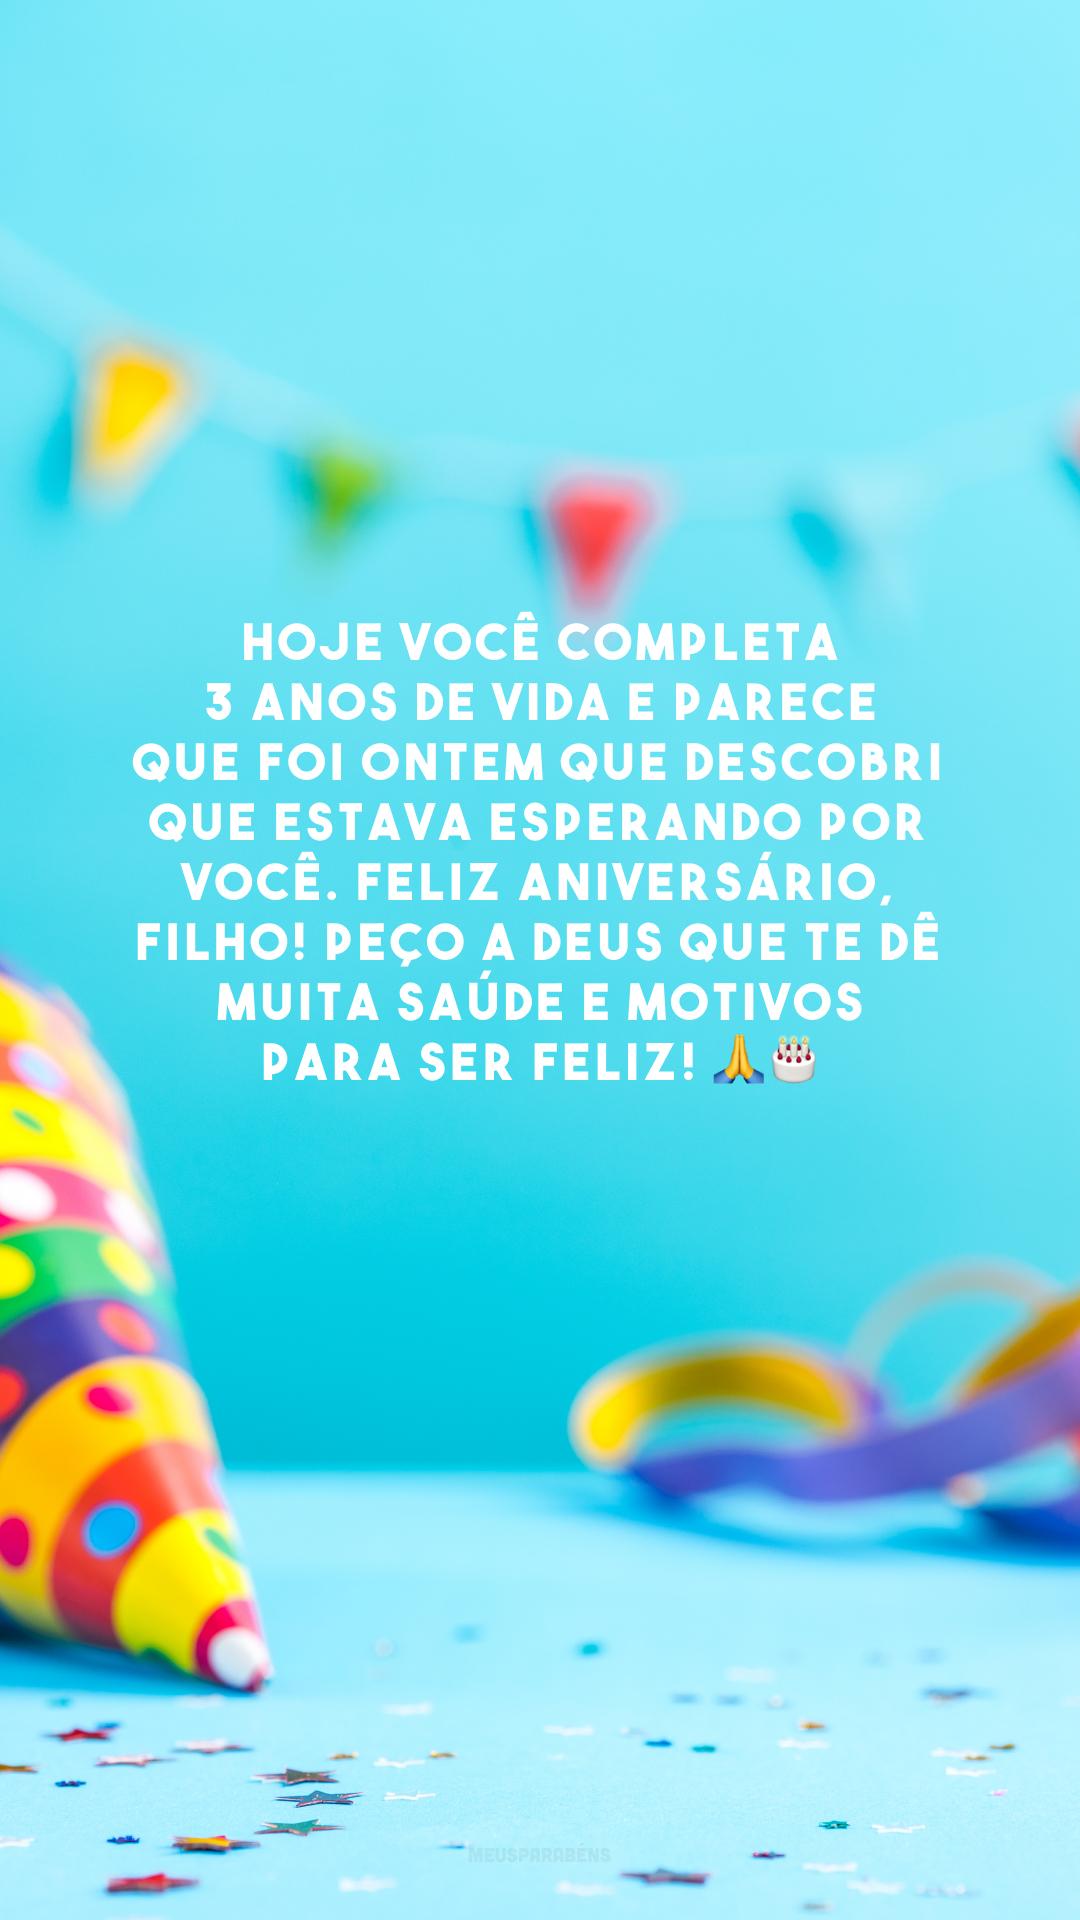 Hoje você completa 3 anos de vida e parece que foi ontem que descobri que estava esperando por você. Feliz aniversário, filho! Peço a Deus que te dê muita saúde e motivos para ser feliz! 🙏🎂